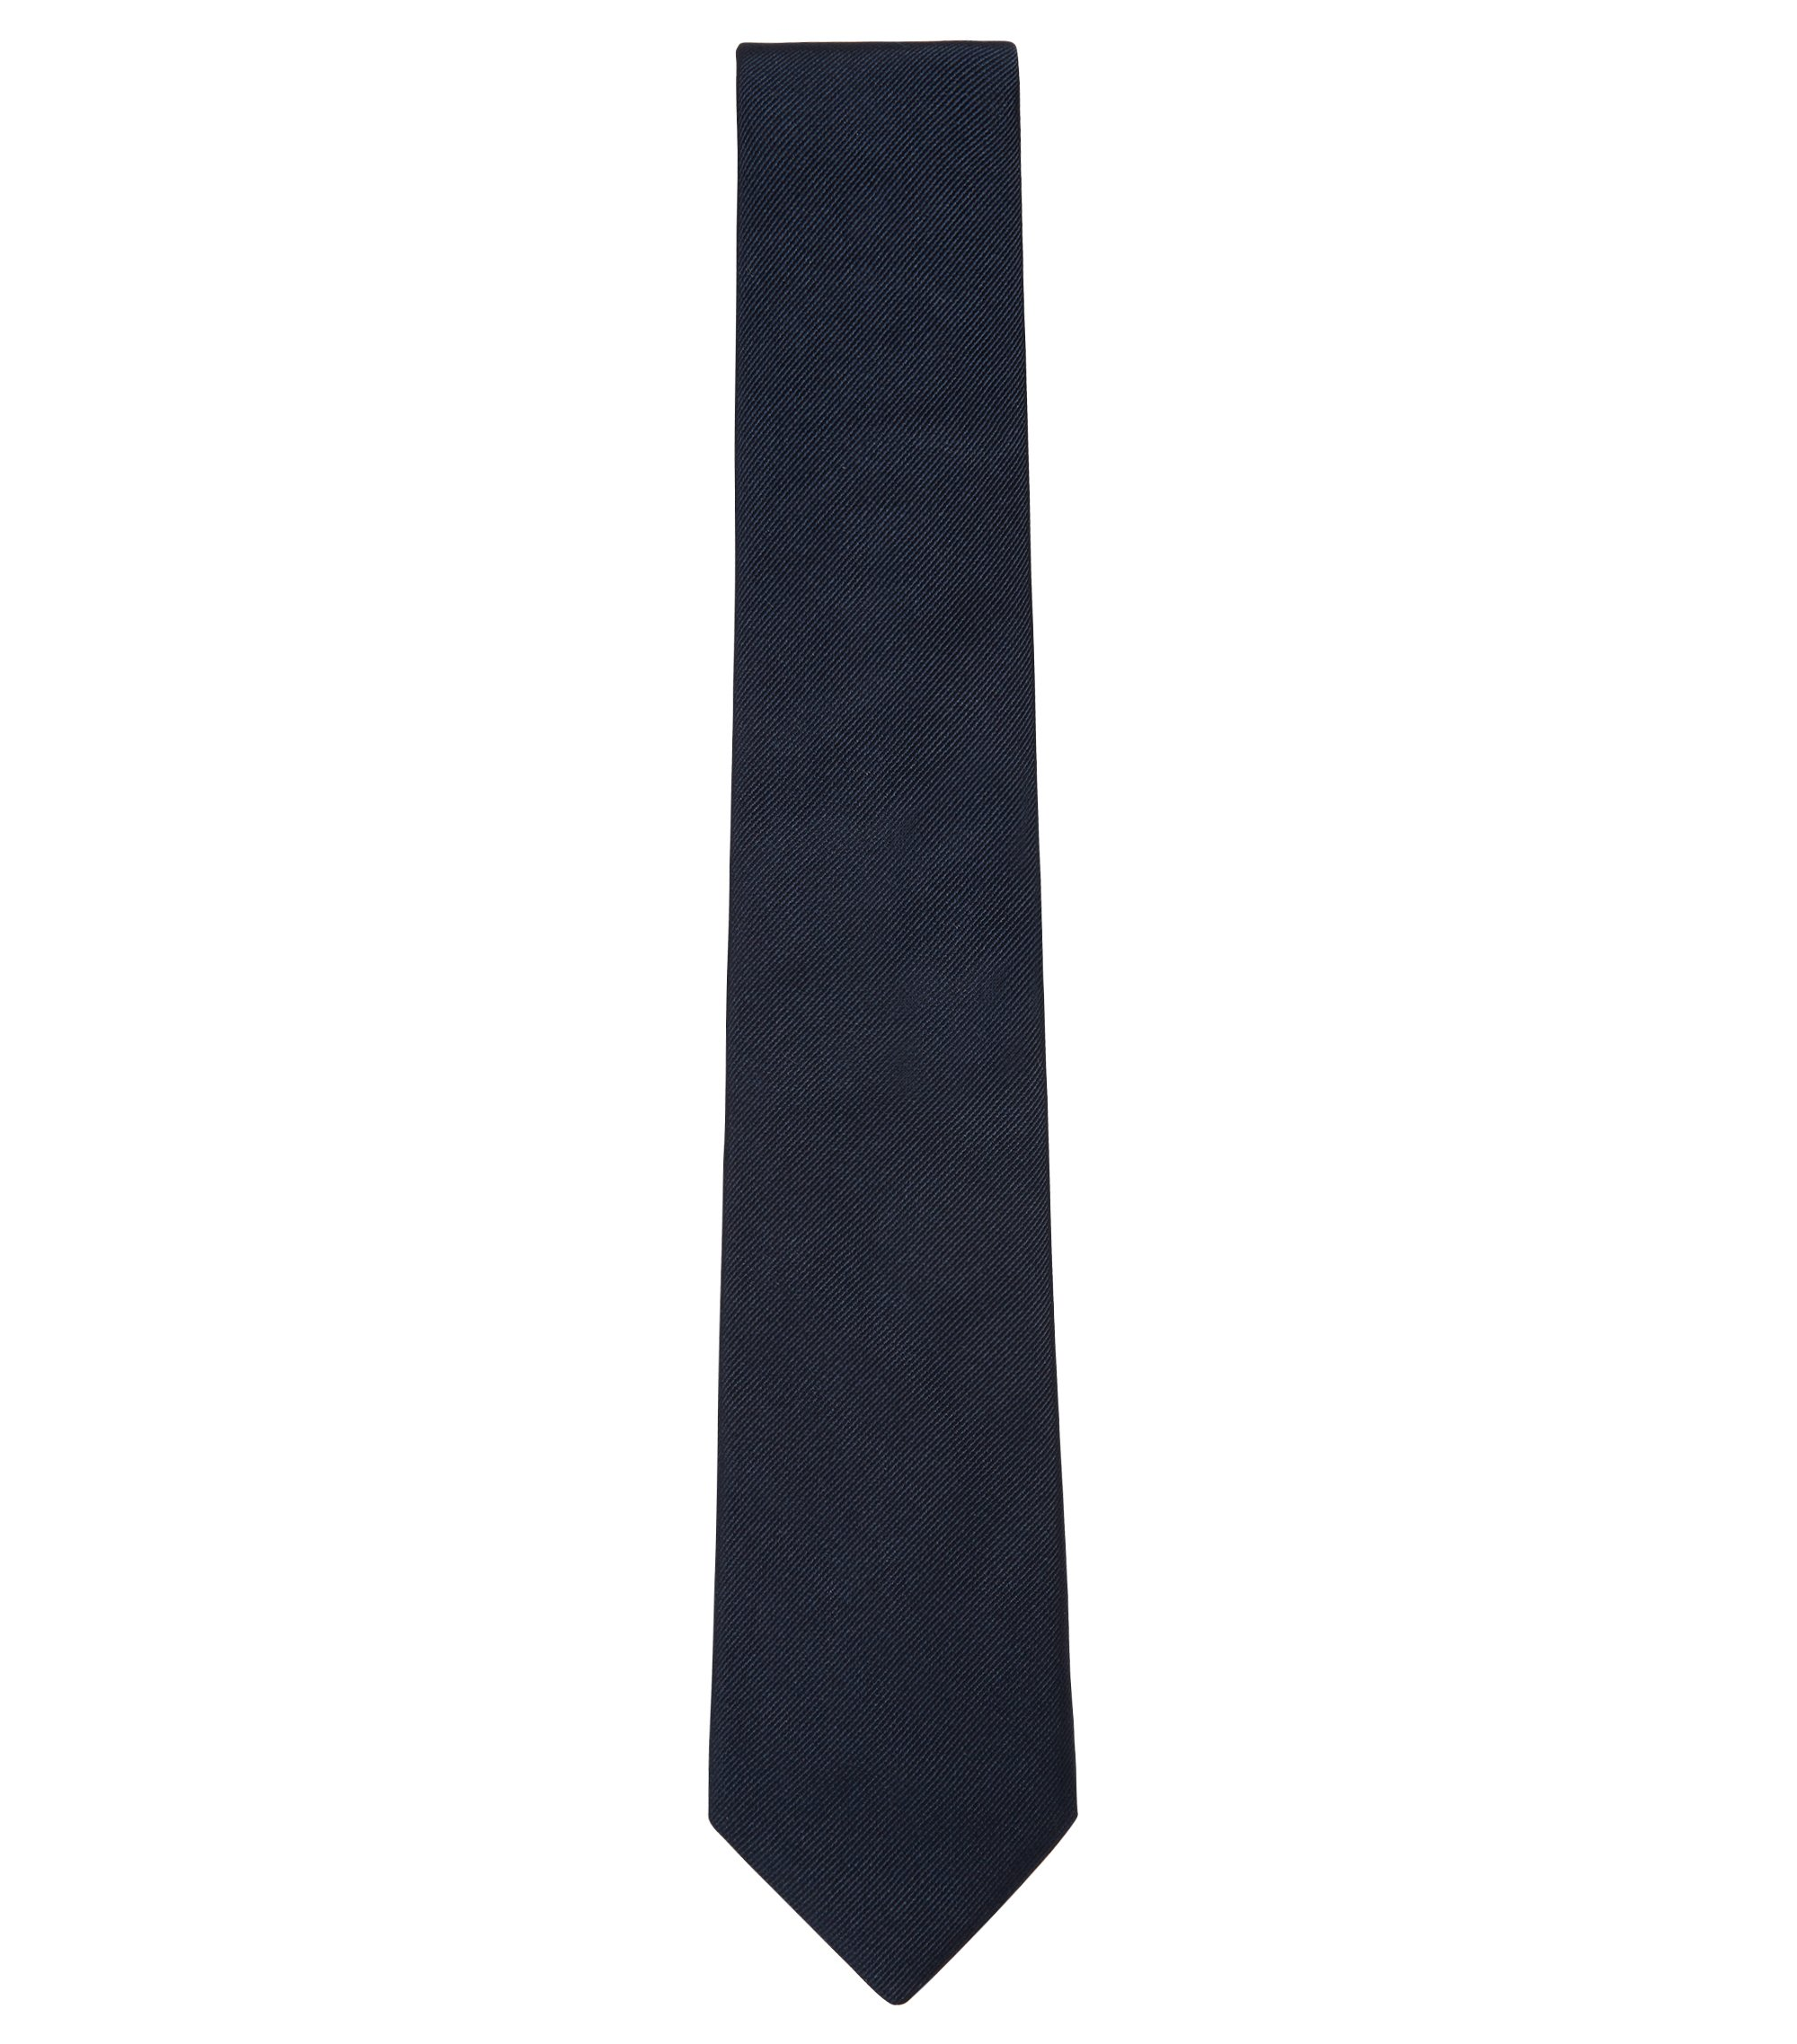 Cravate en jacquard de soie confectionnée en Italie, Bleu foncé